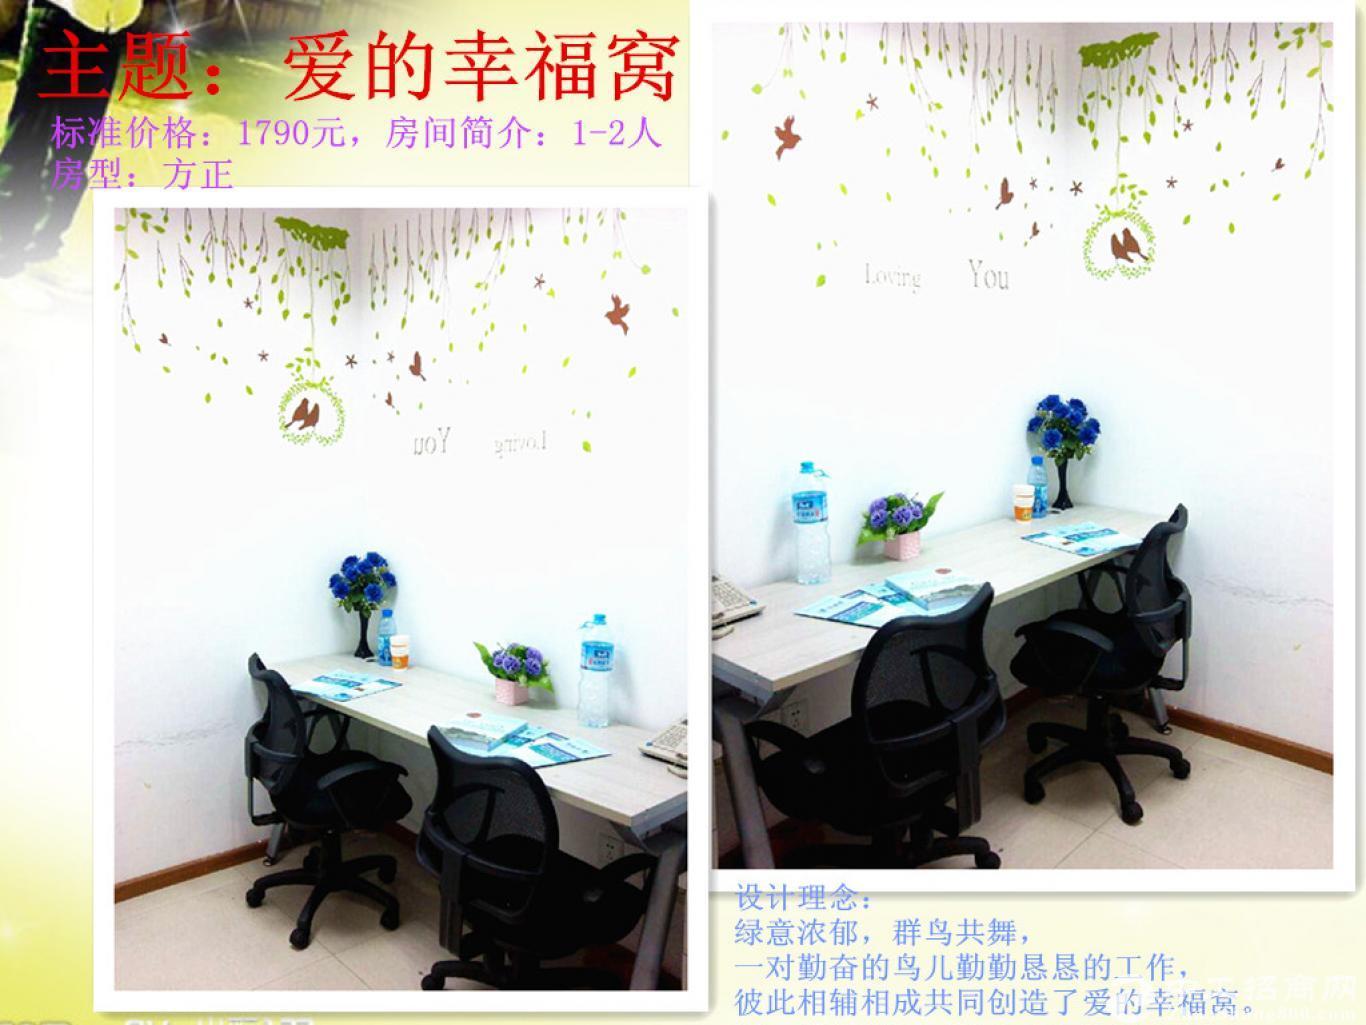 【深纺大厦】2人办公室1380全包,提供租赁凭证!